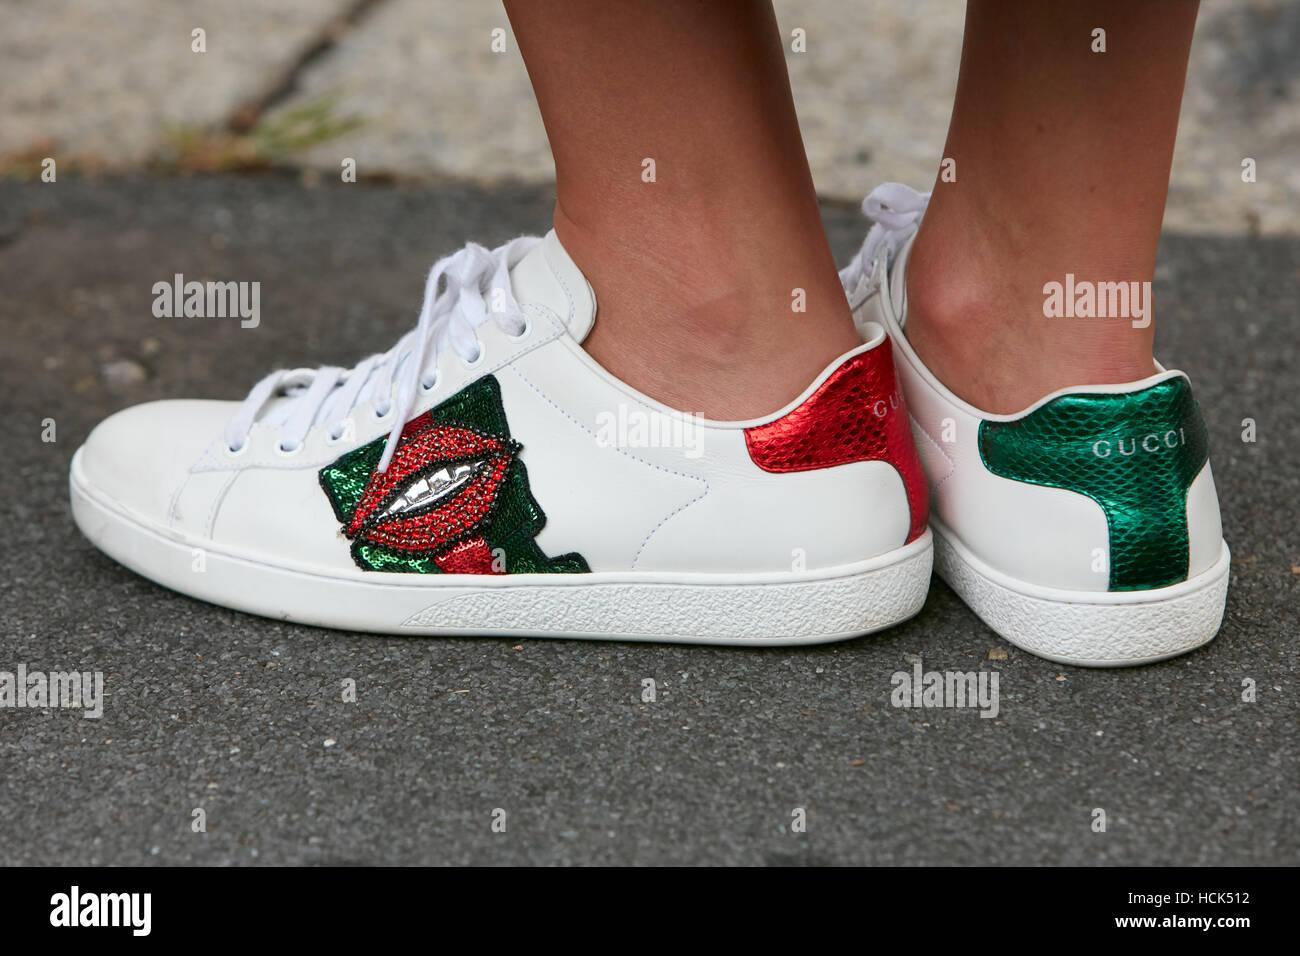 a9220b225977e Femme avec Gucci sneakers blanc rouge avec la bouche avant de Gucci fashion  show